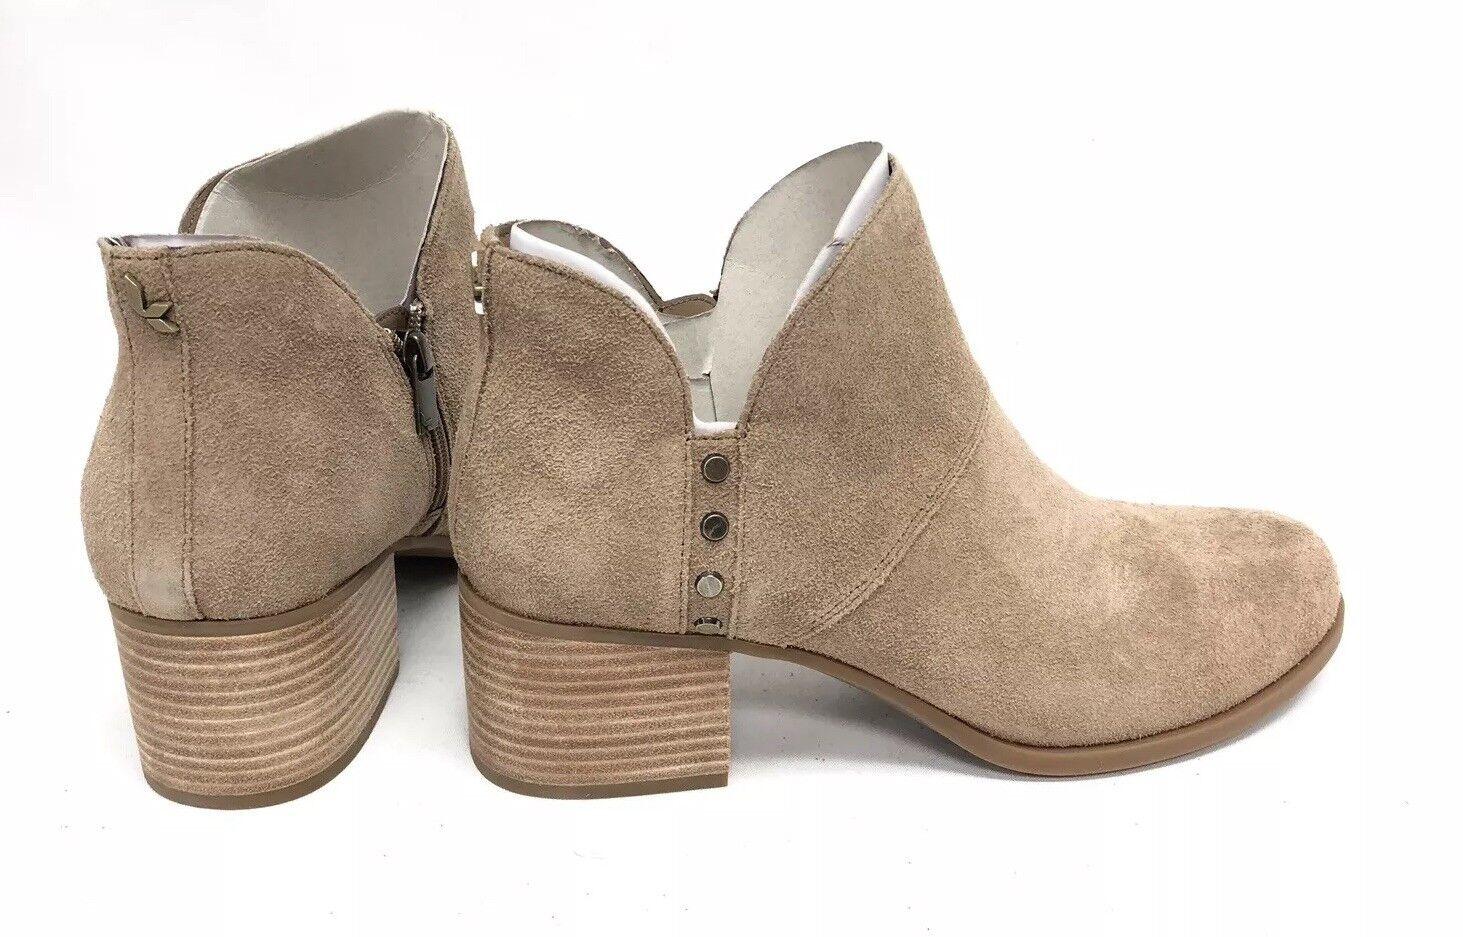 botas DE DE DE KOOLABURRA Sofiya ánfora de ante para mujer apilados Bloque Talón Botines 1096440  Nuevos productos de artículos novedosos.